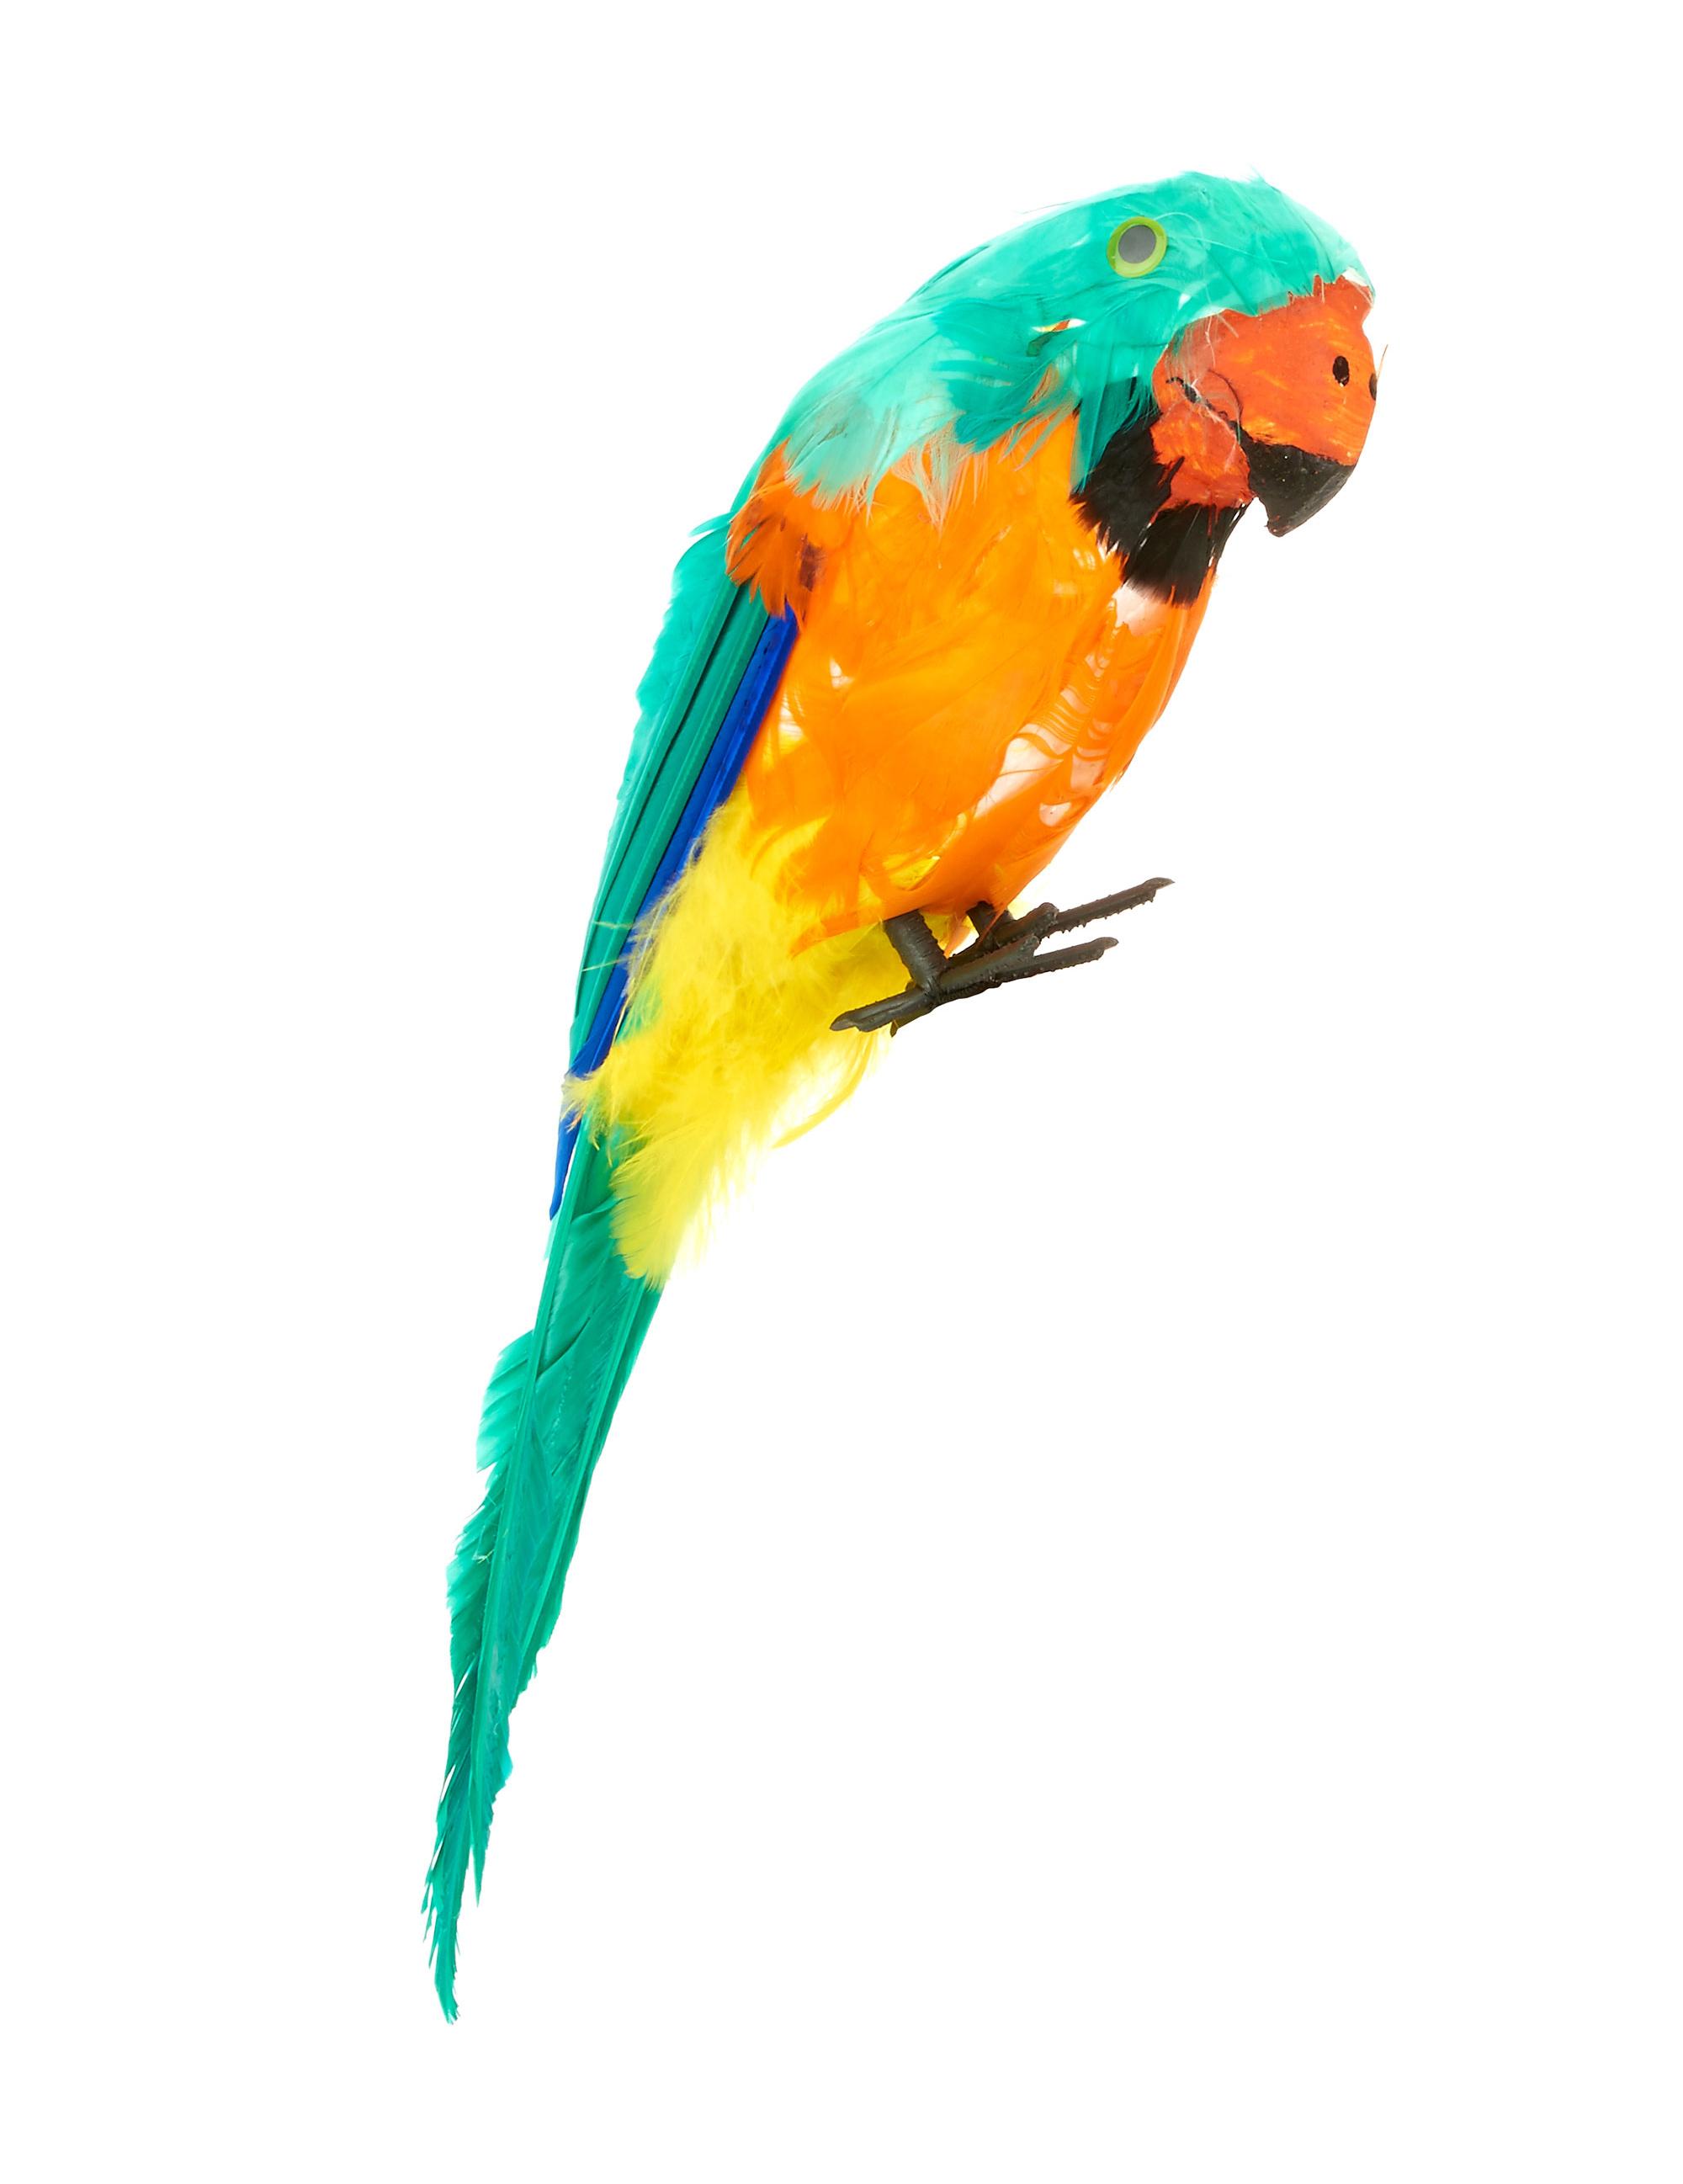 Ungewöhnlich Papagei Färbung Bilder Galerie - Malvorlagen Von Tieren ...